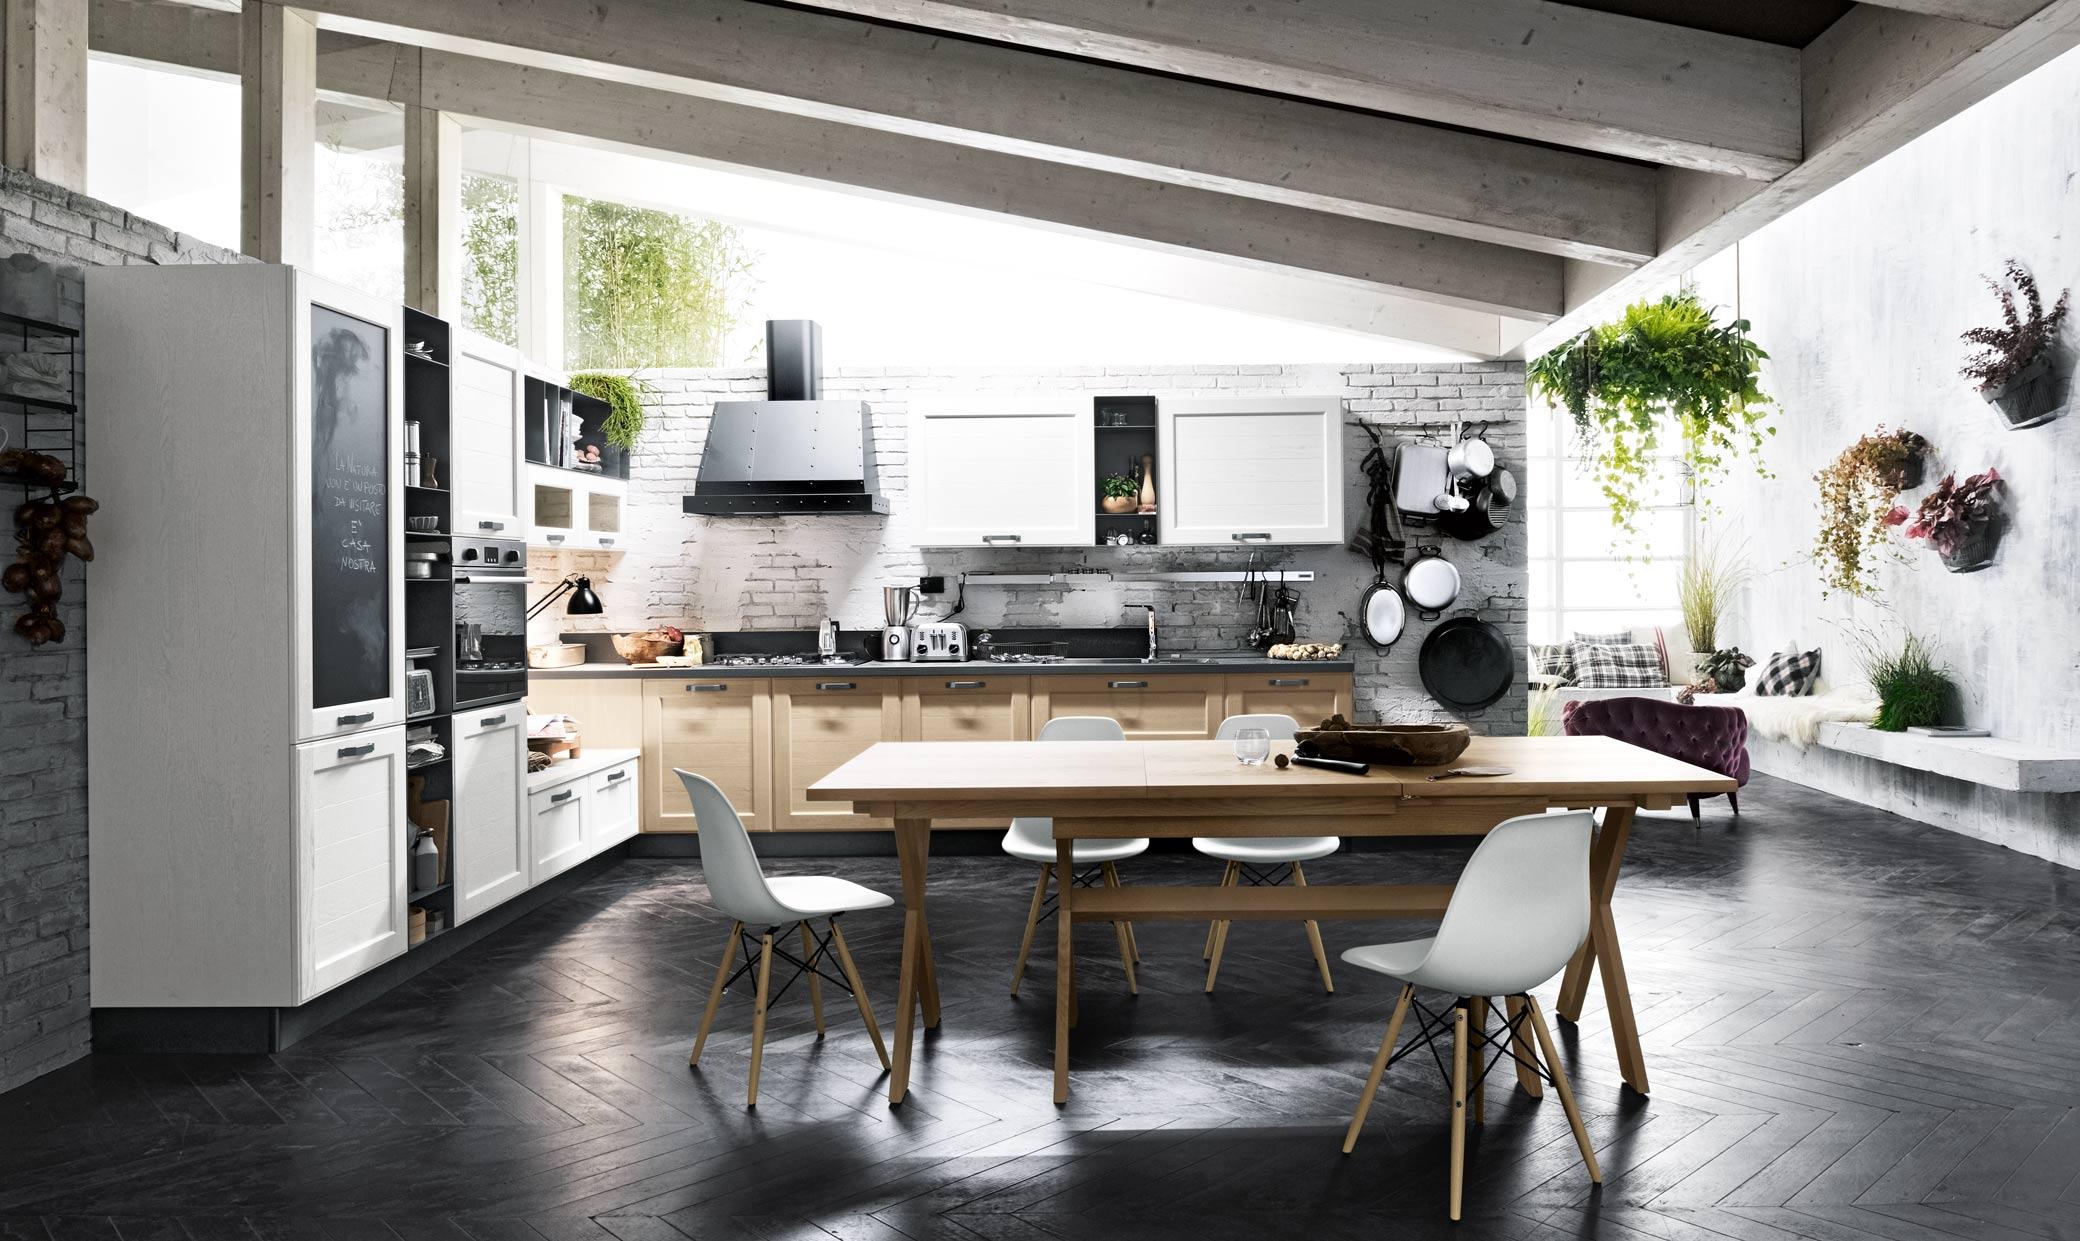 Mobili pignataro arredamenti roma arredamento casa completo for Arredamento cucina roma